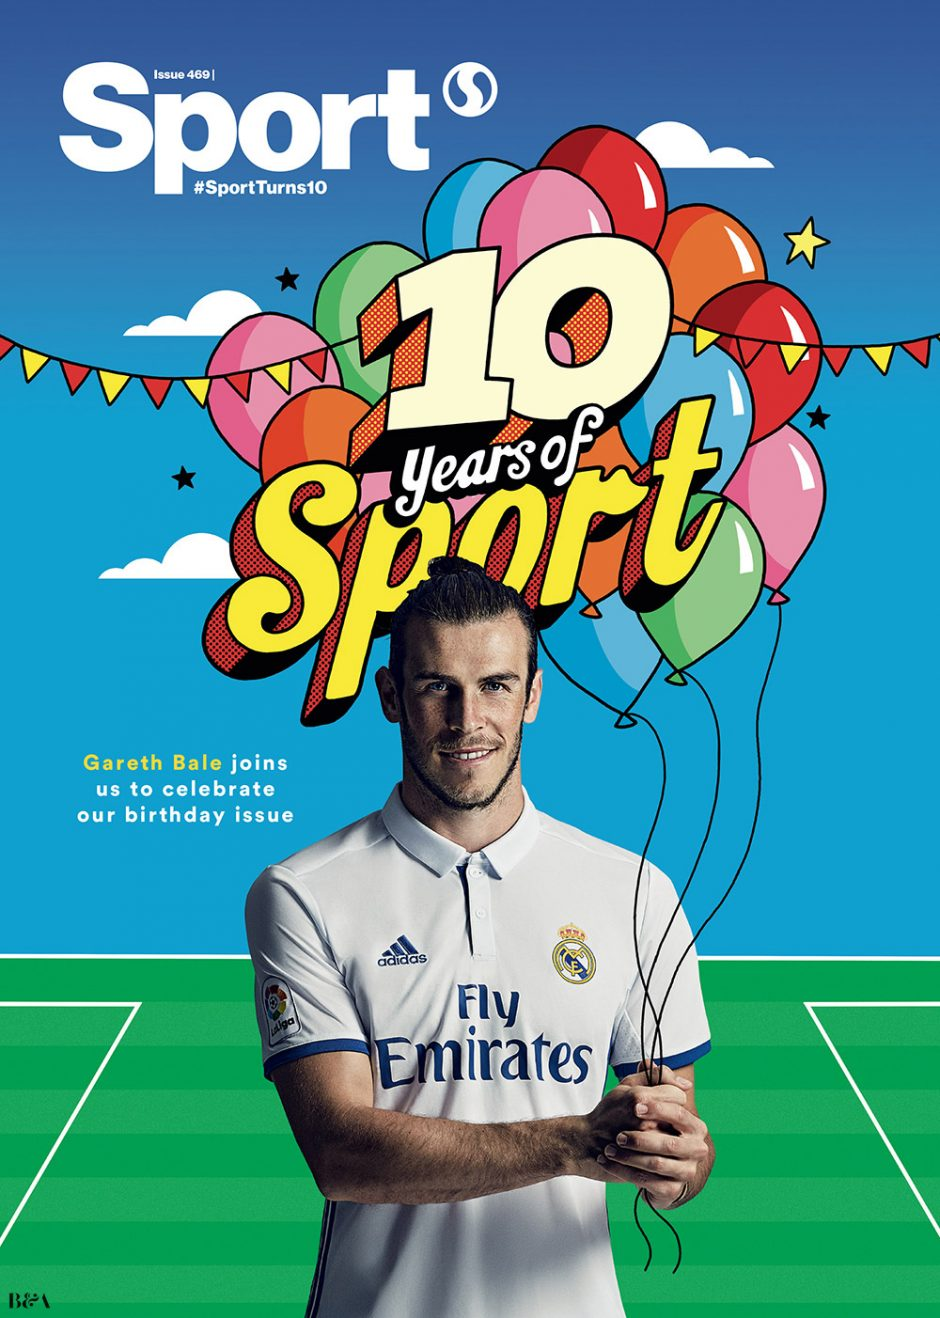 Mit einer Illustration des beliebten Serge Seidlitz aus New York gratuliert Fußballstar Gareth Bale zur Jubiläumsausgabe des Magazins »Sport«. www.sergeseidlitz.com/